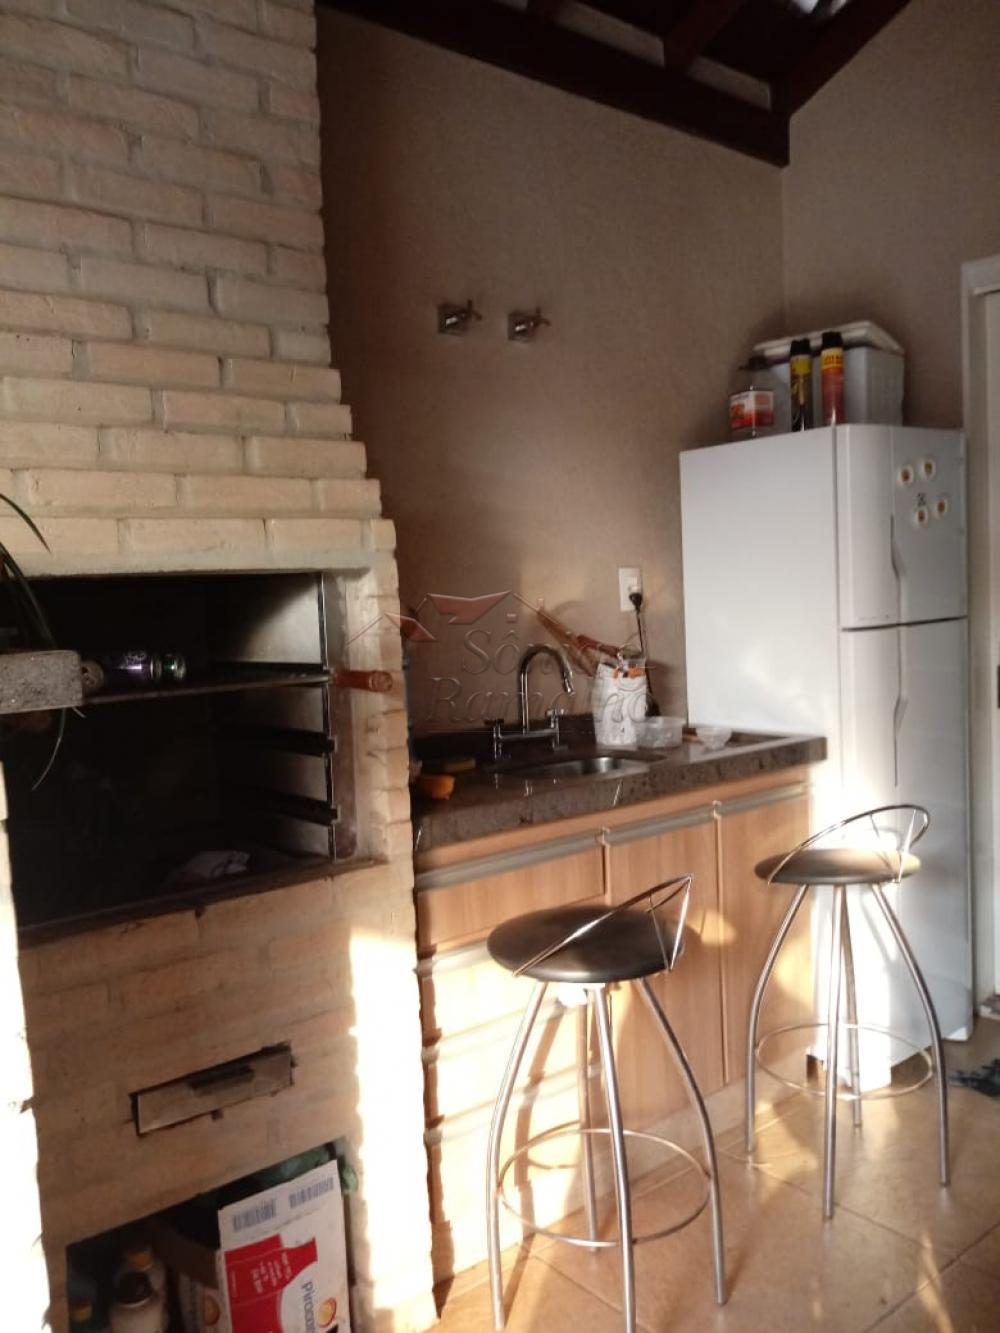 Comprar Casas / Padrão em Sertãozinho apenas R$ 535.000,00 - Foto 11